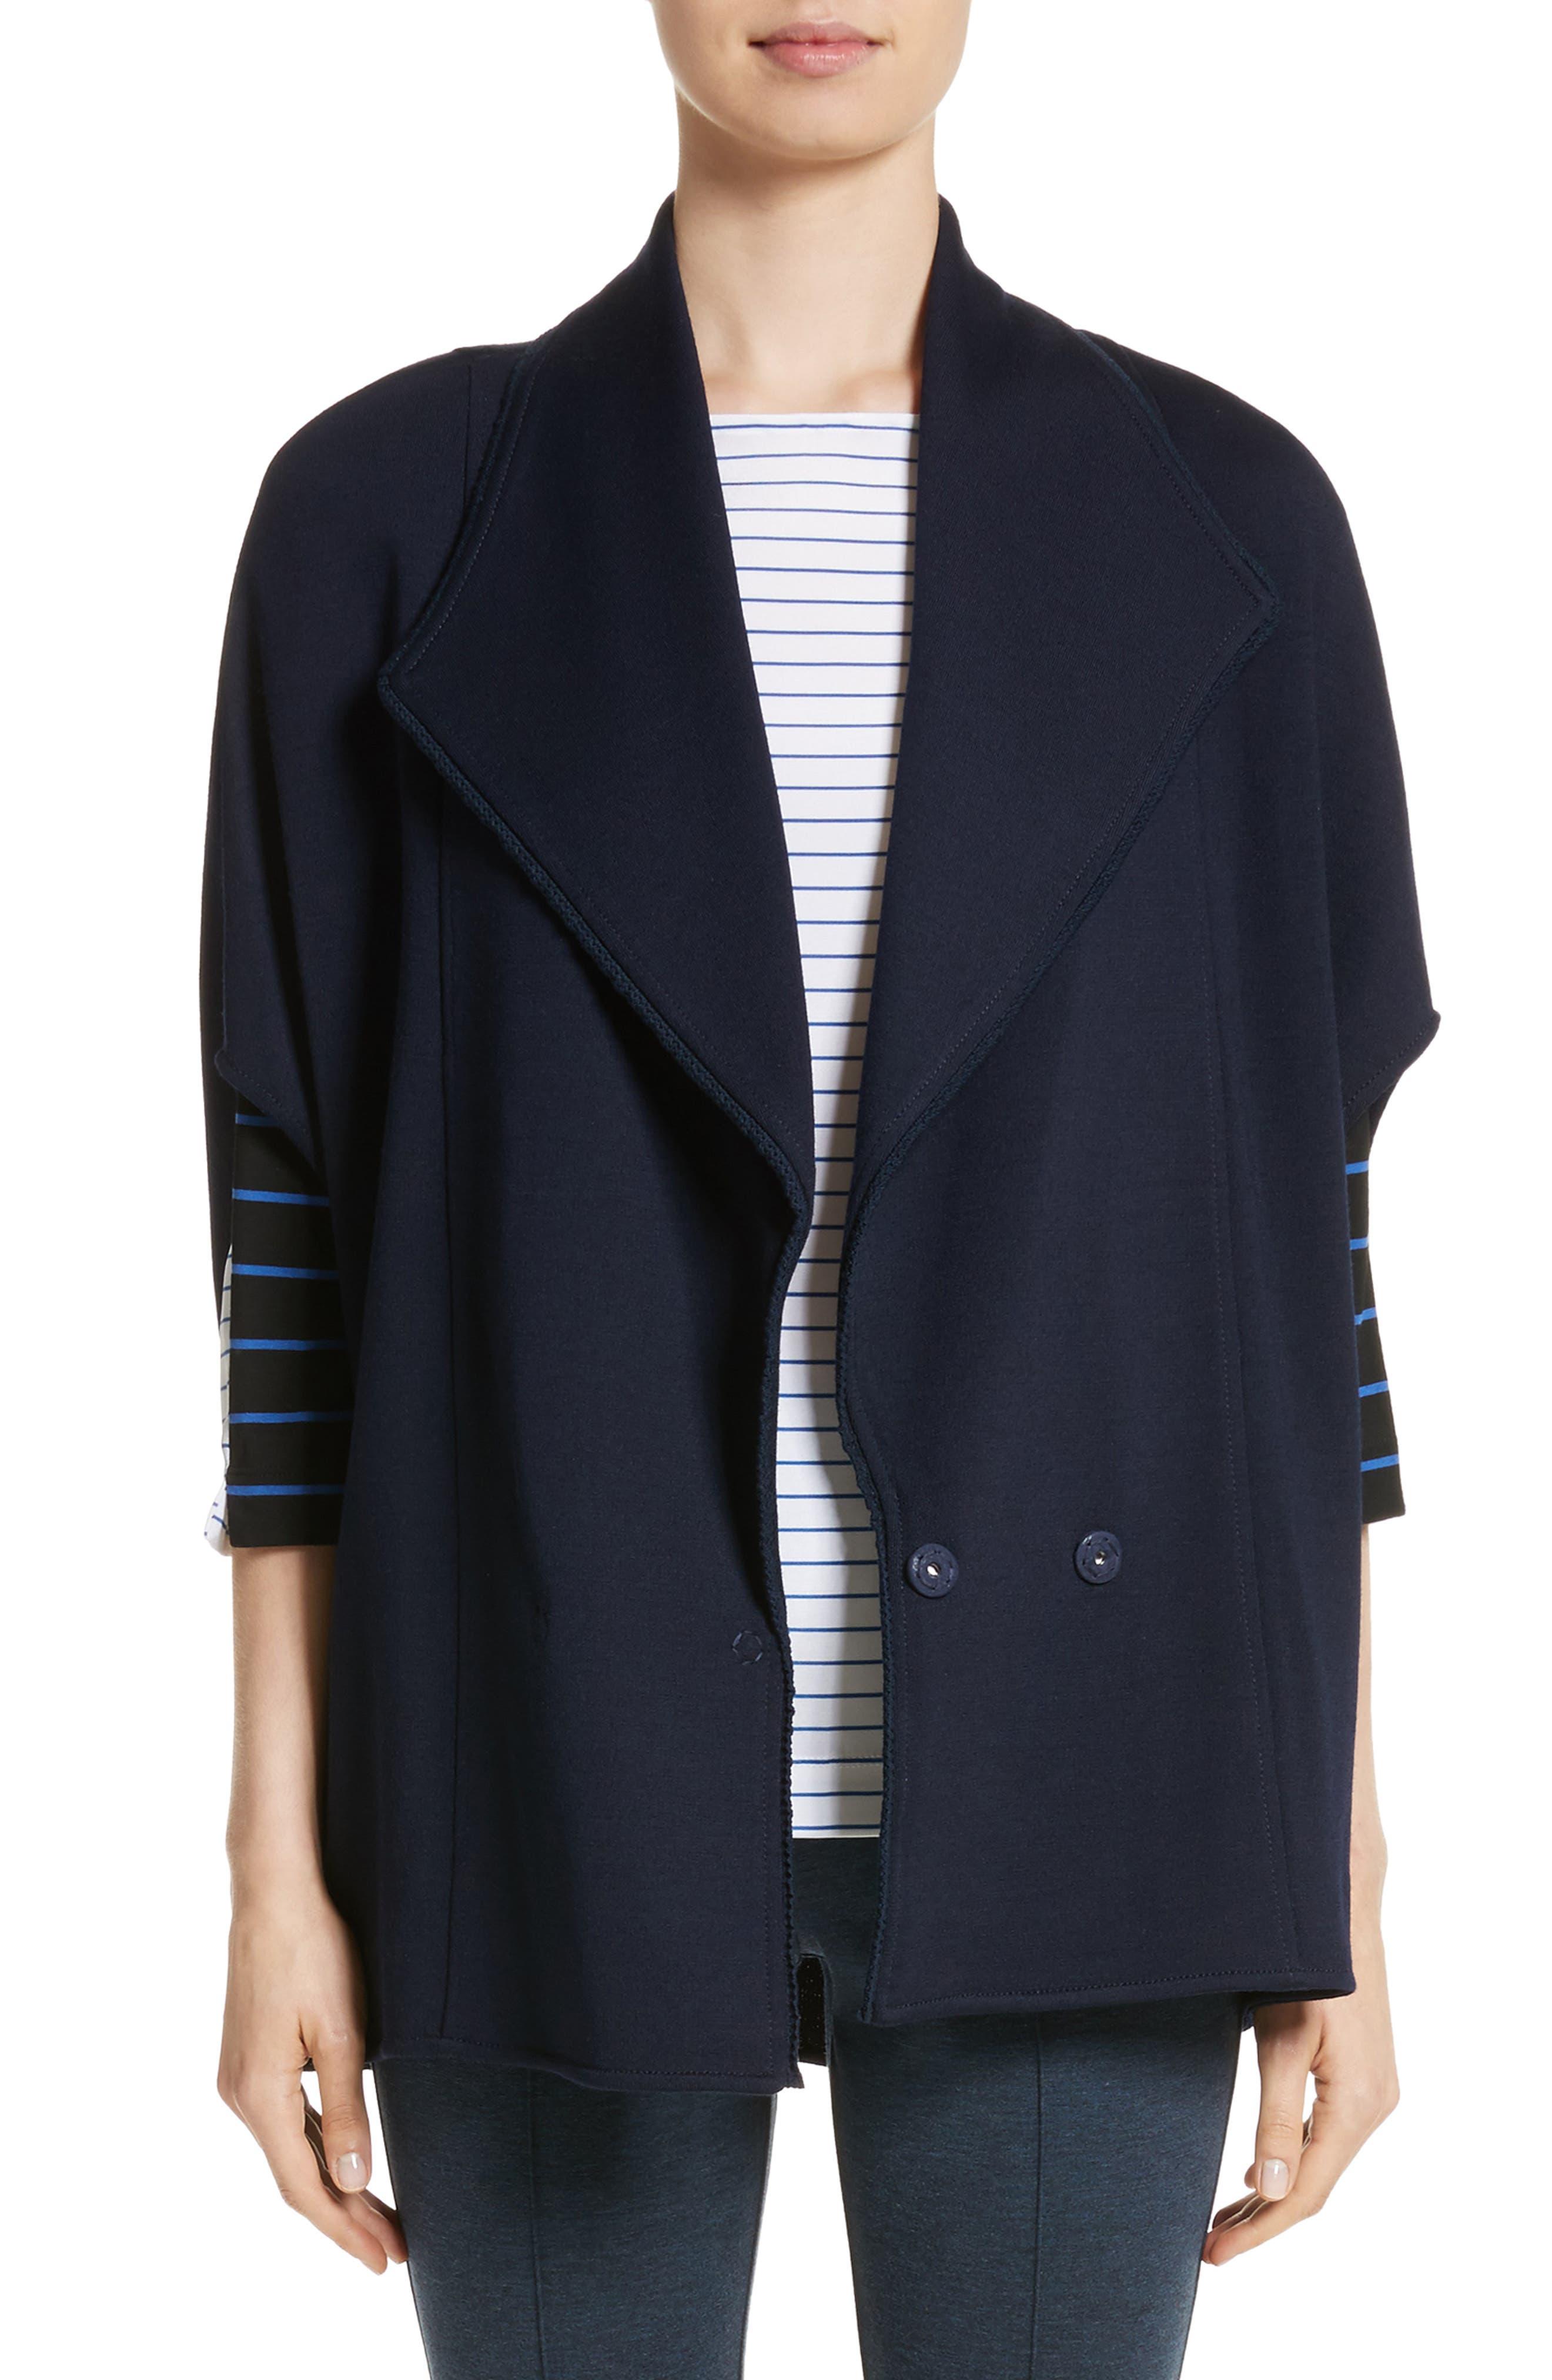 Main Image - St. John Collection Circular Milano Knit Jacket